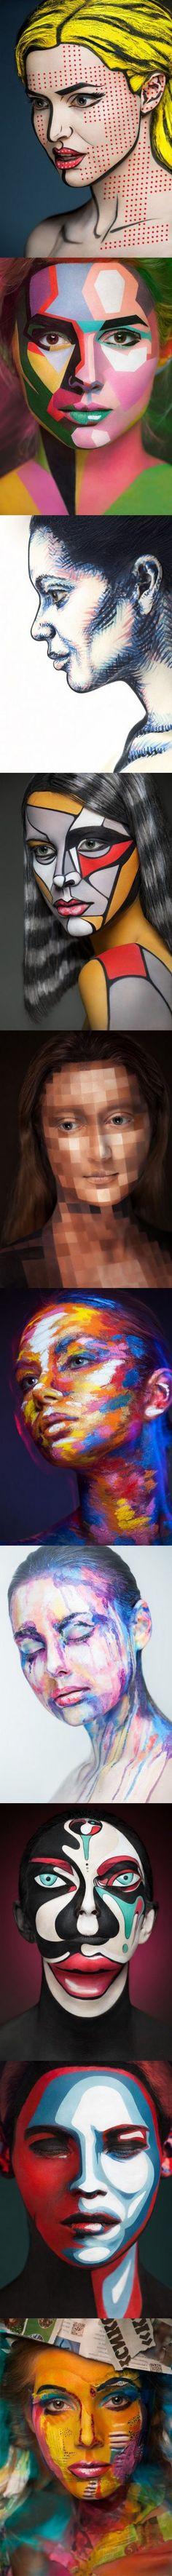 Diese Fotos sind wahre Kunst: Wahre Makeup-Künstler haben diese Frauen in echte Kunstwerke verwandelt. ...